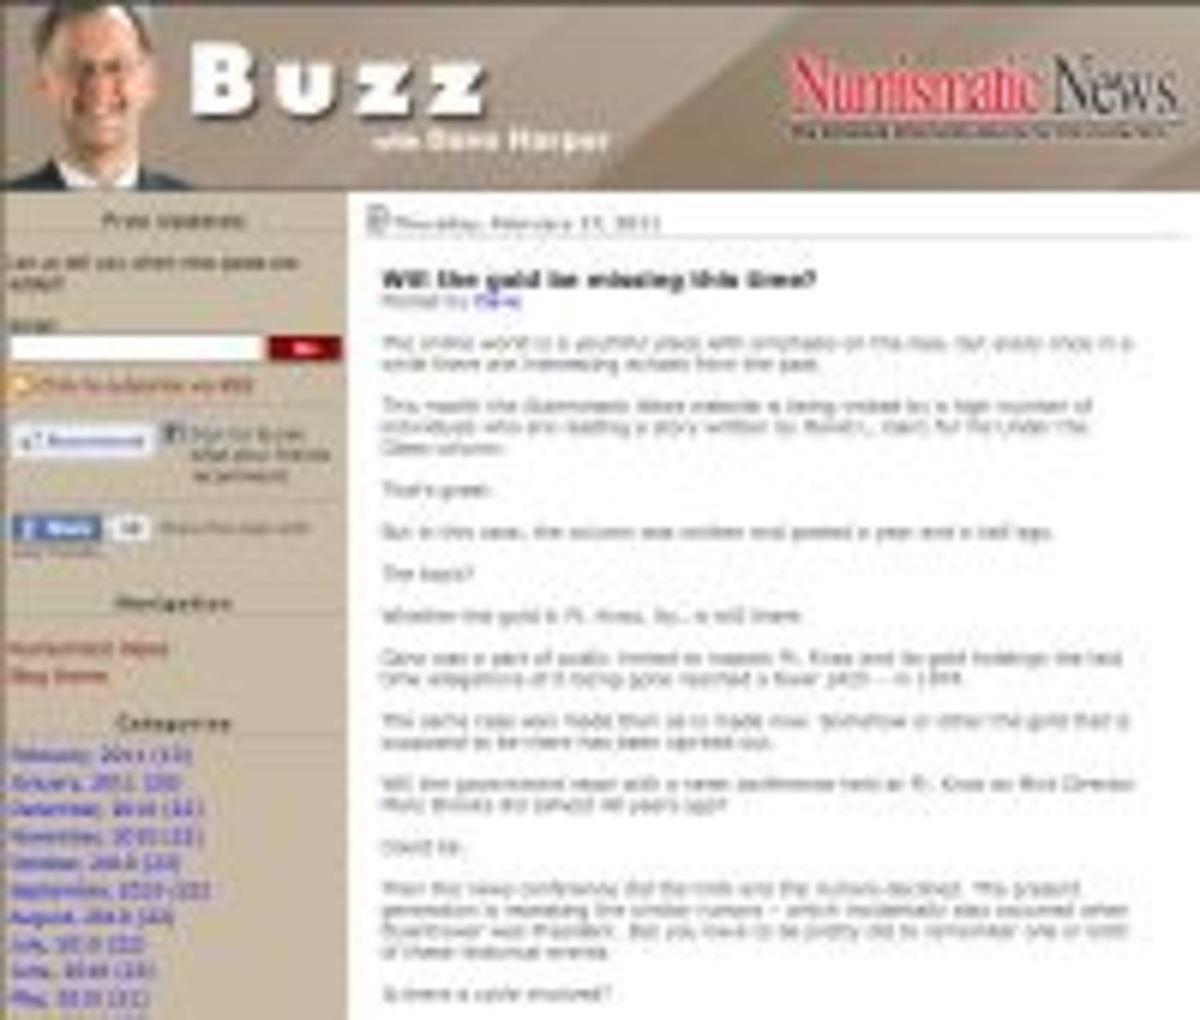 buzzclip0308.jpg